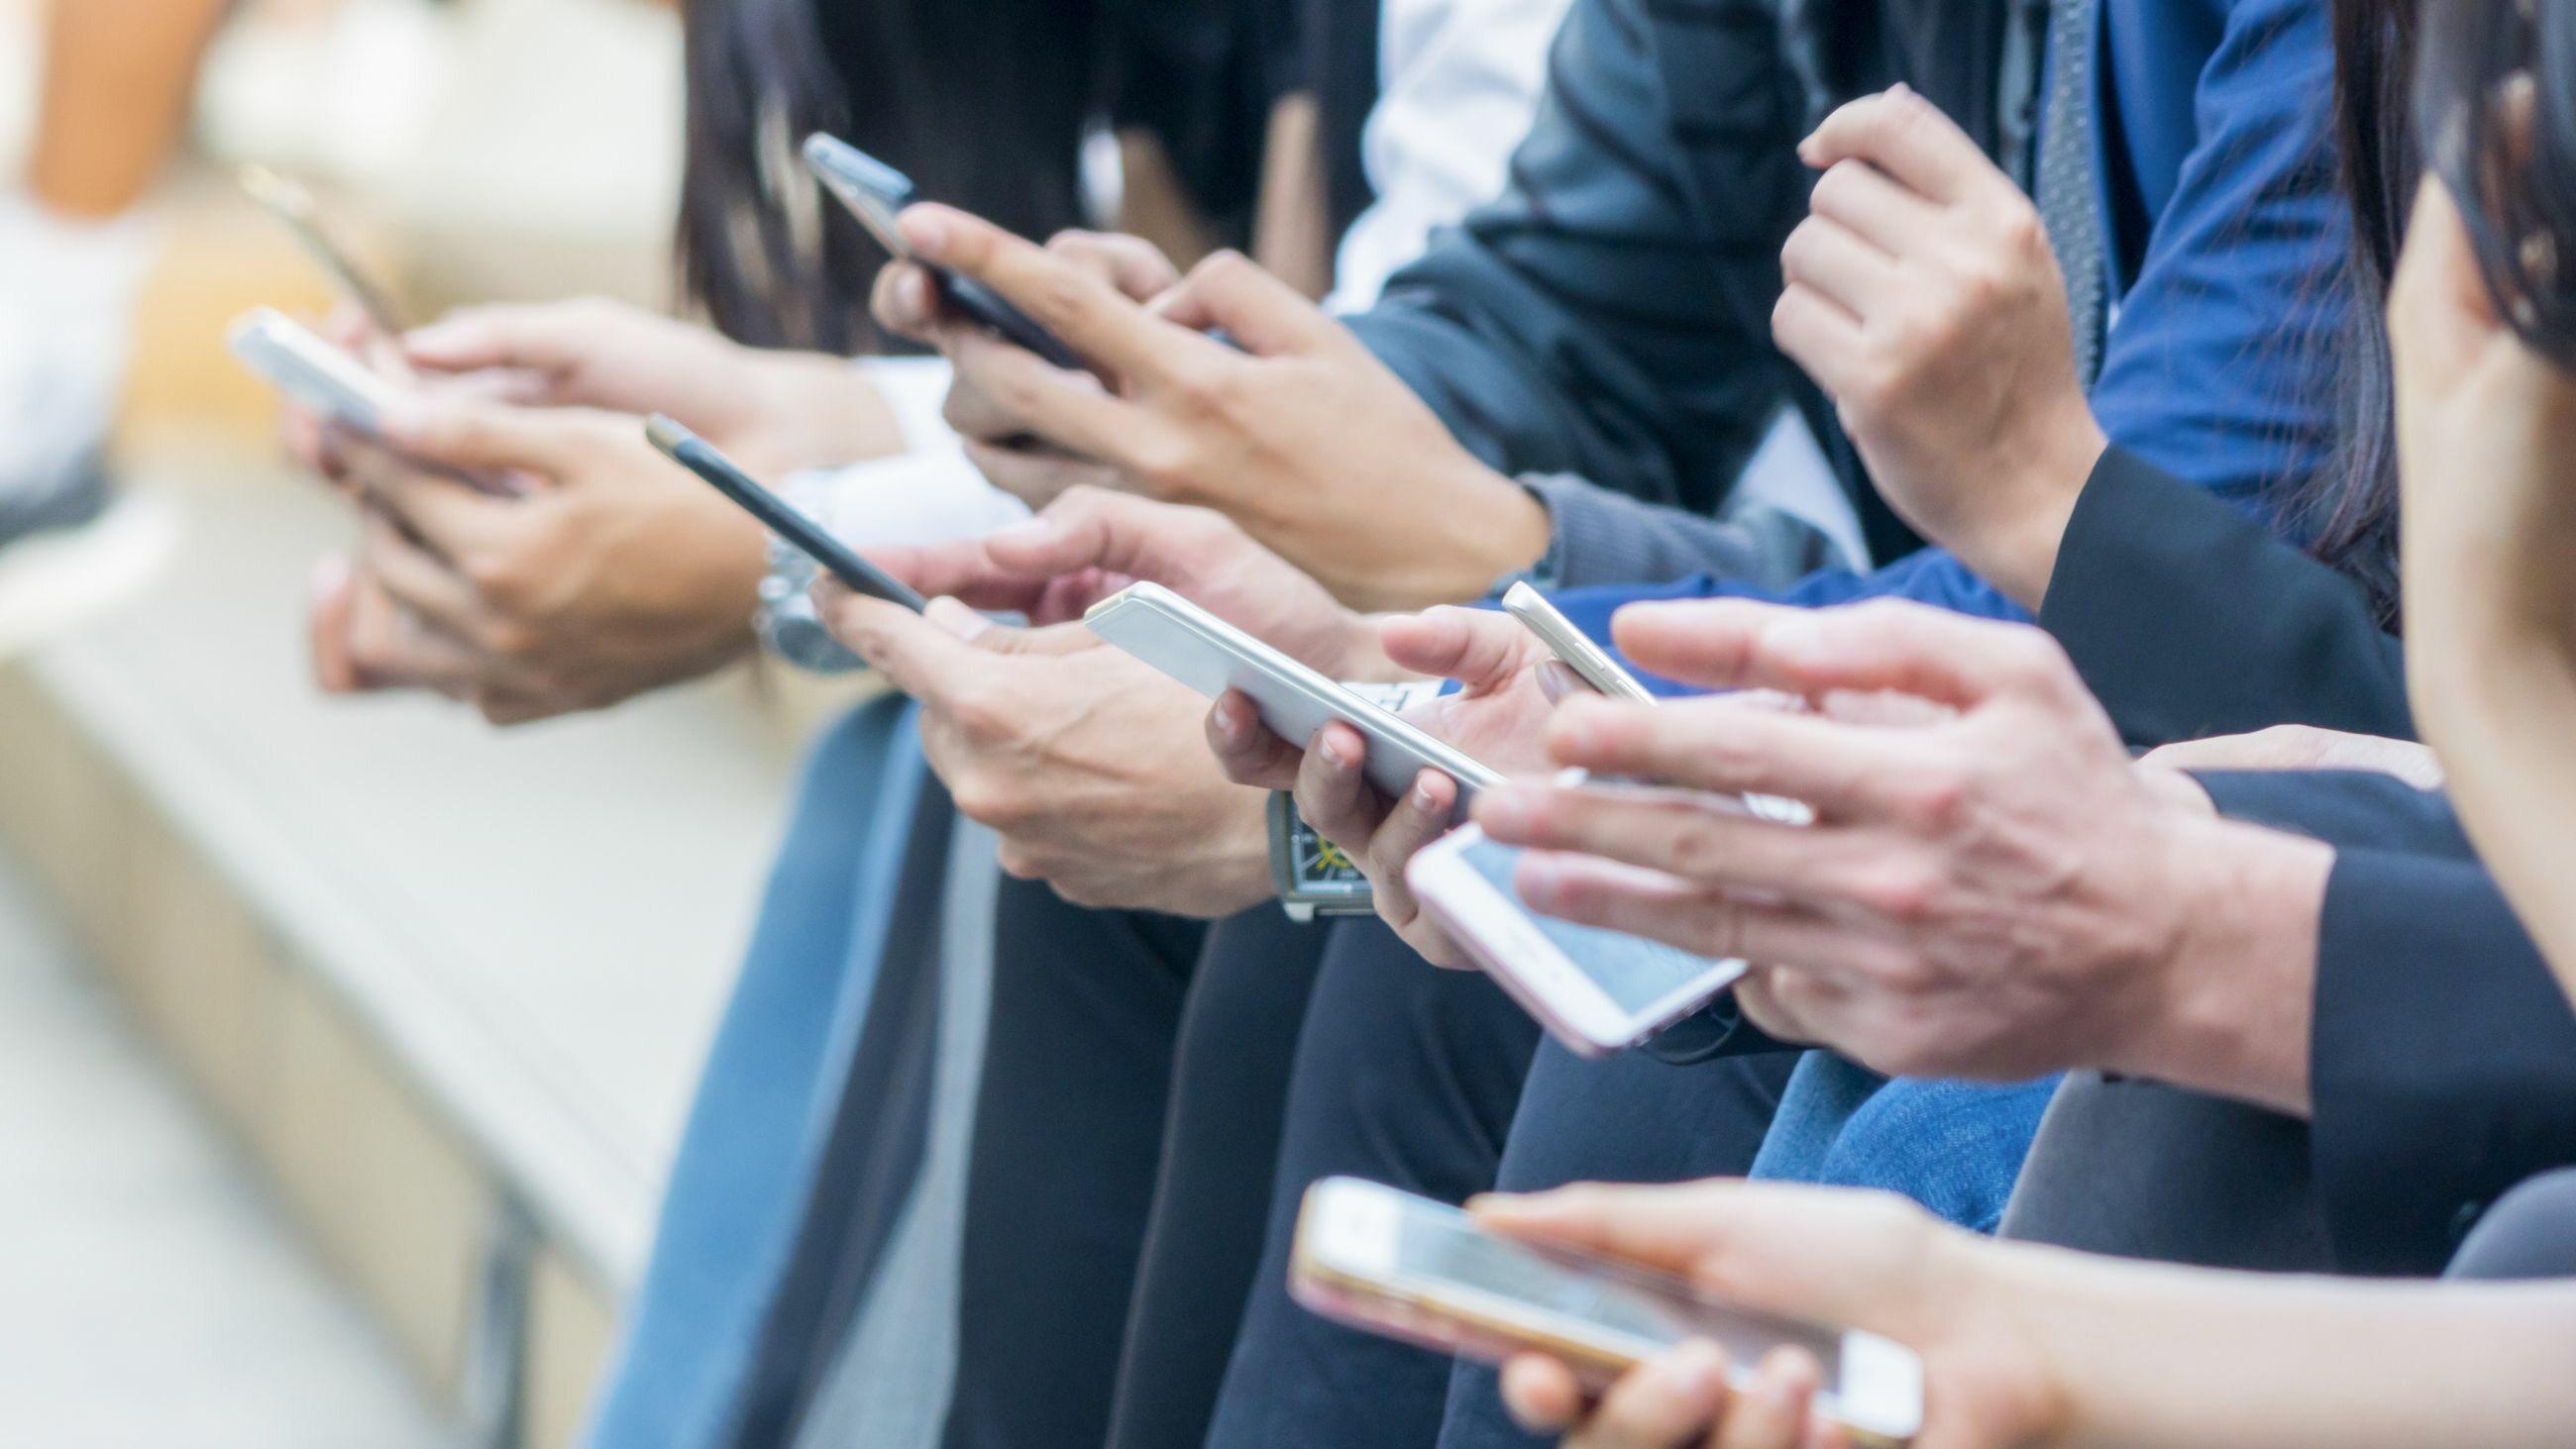 Ludzie korzystający z telefonów, zdjęcie ilustracyjne